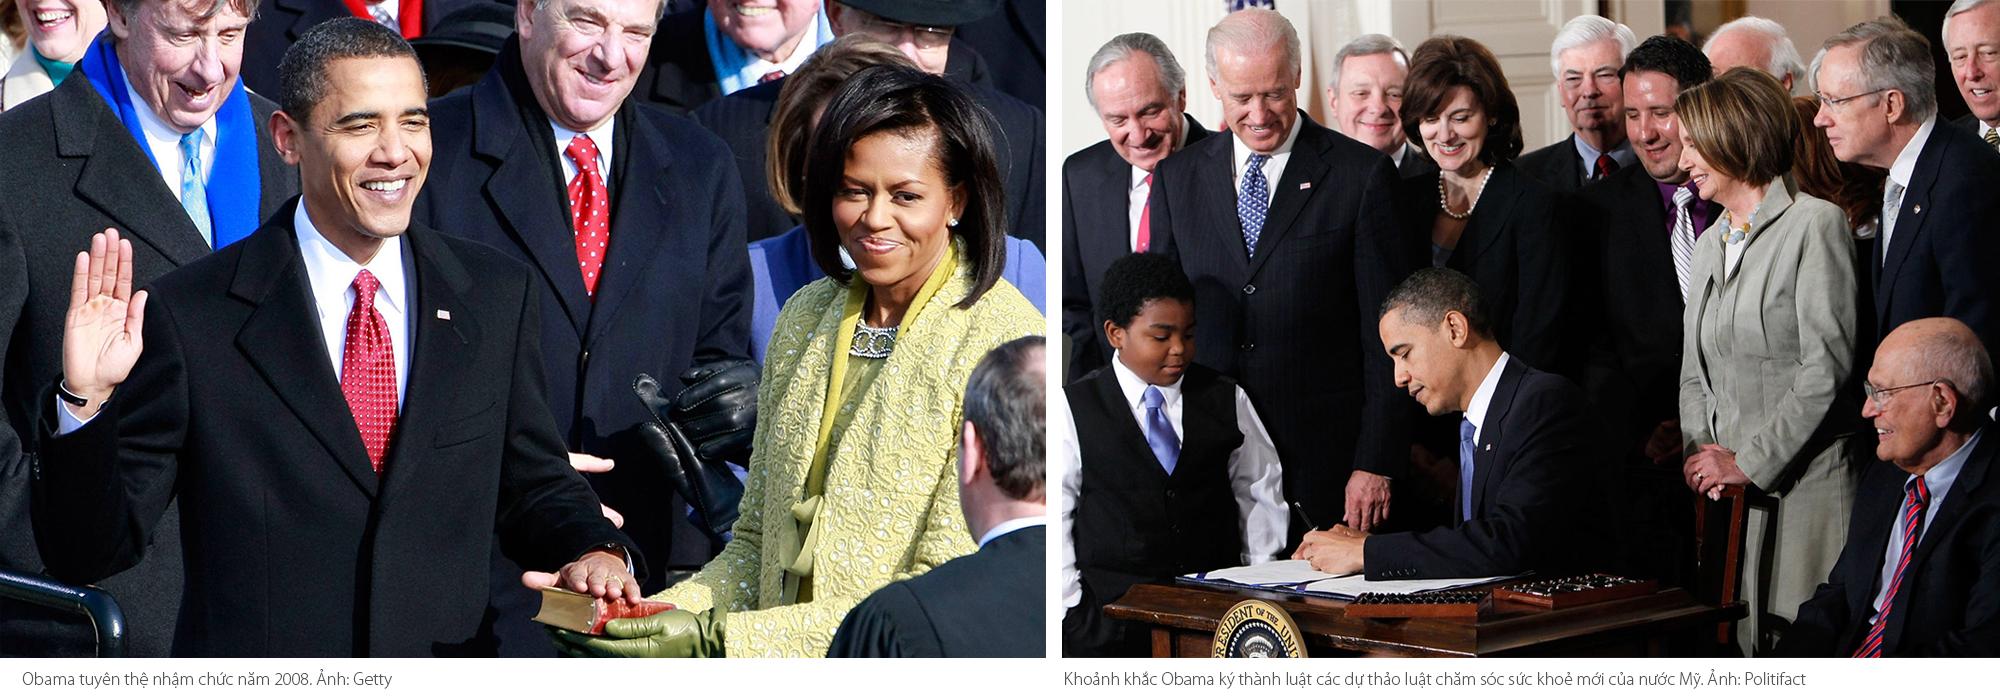 Barack Obama: Cậu bé mang dòng máu lai thay đổi lịch sử chính trường Mỹ - Ảnh 11.